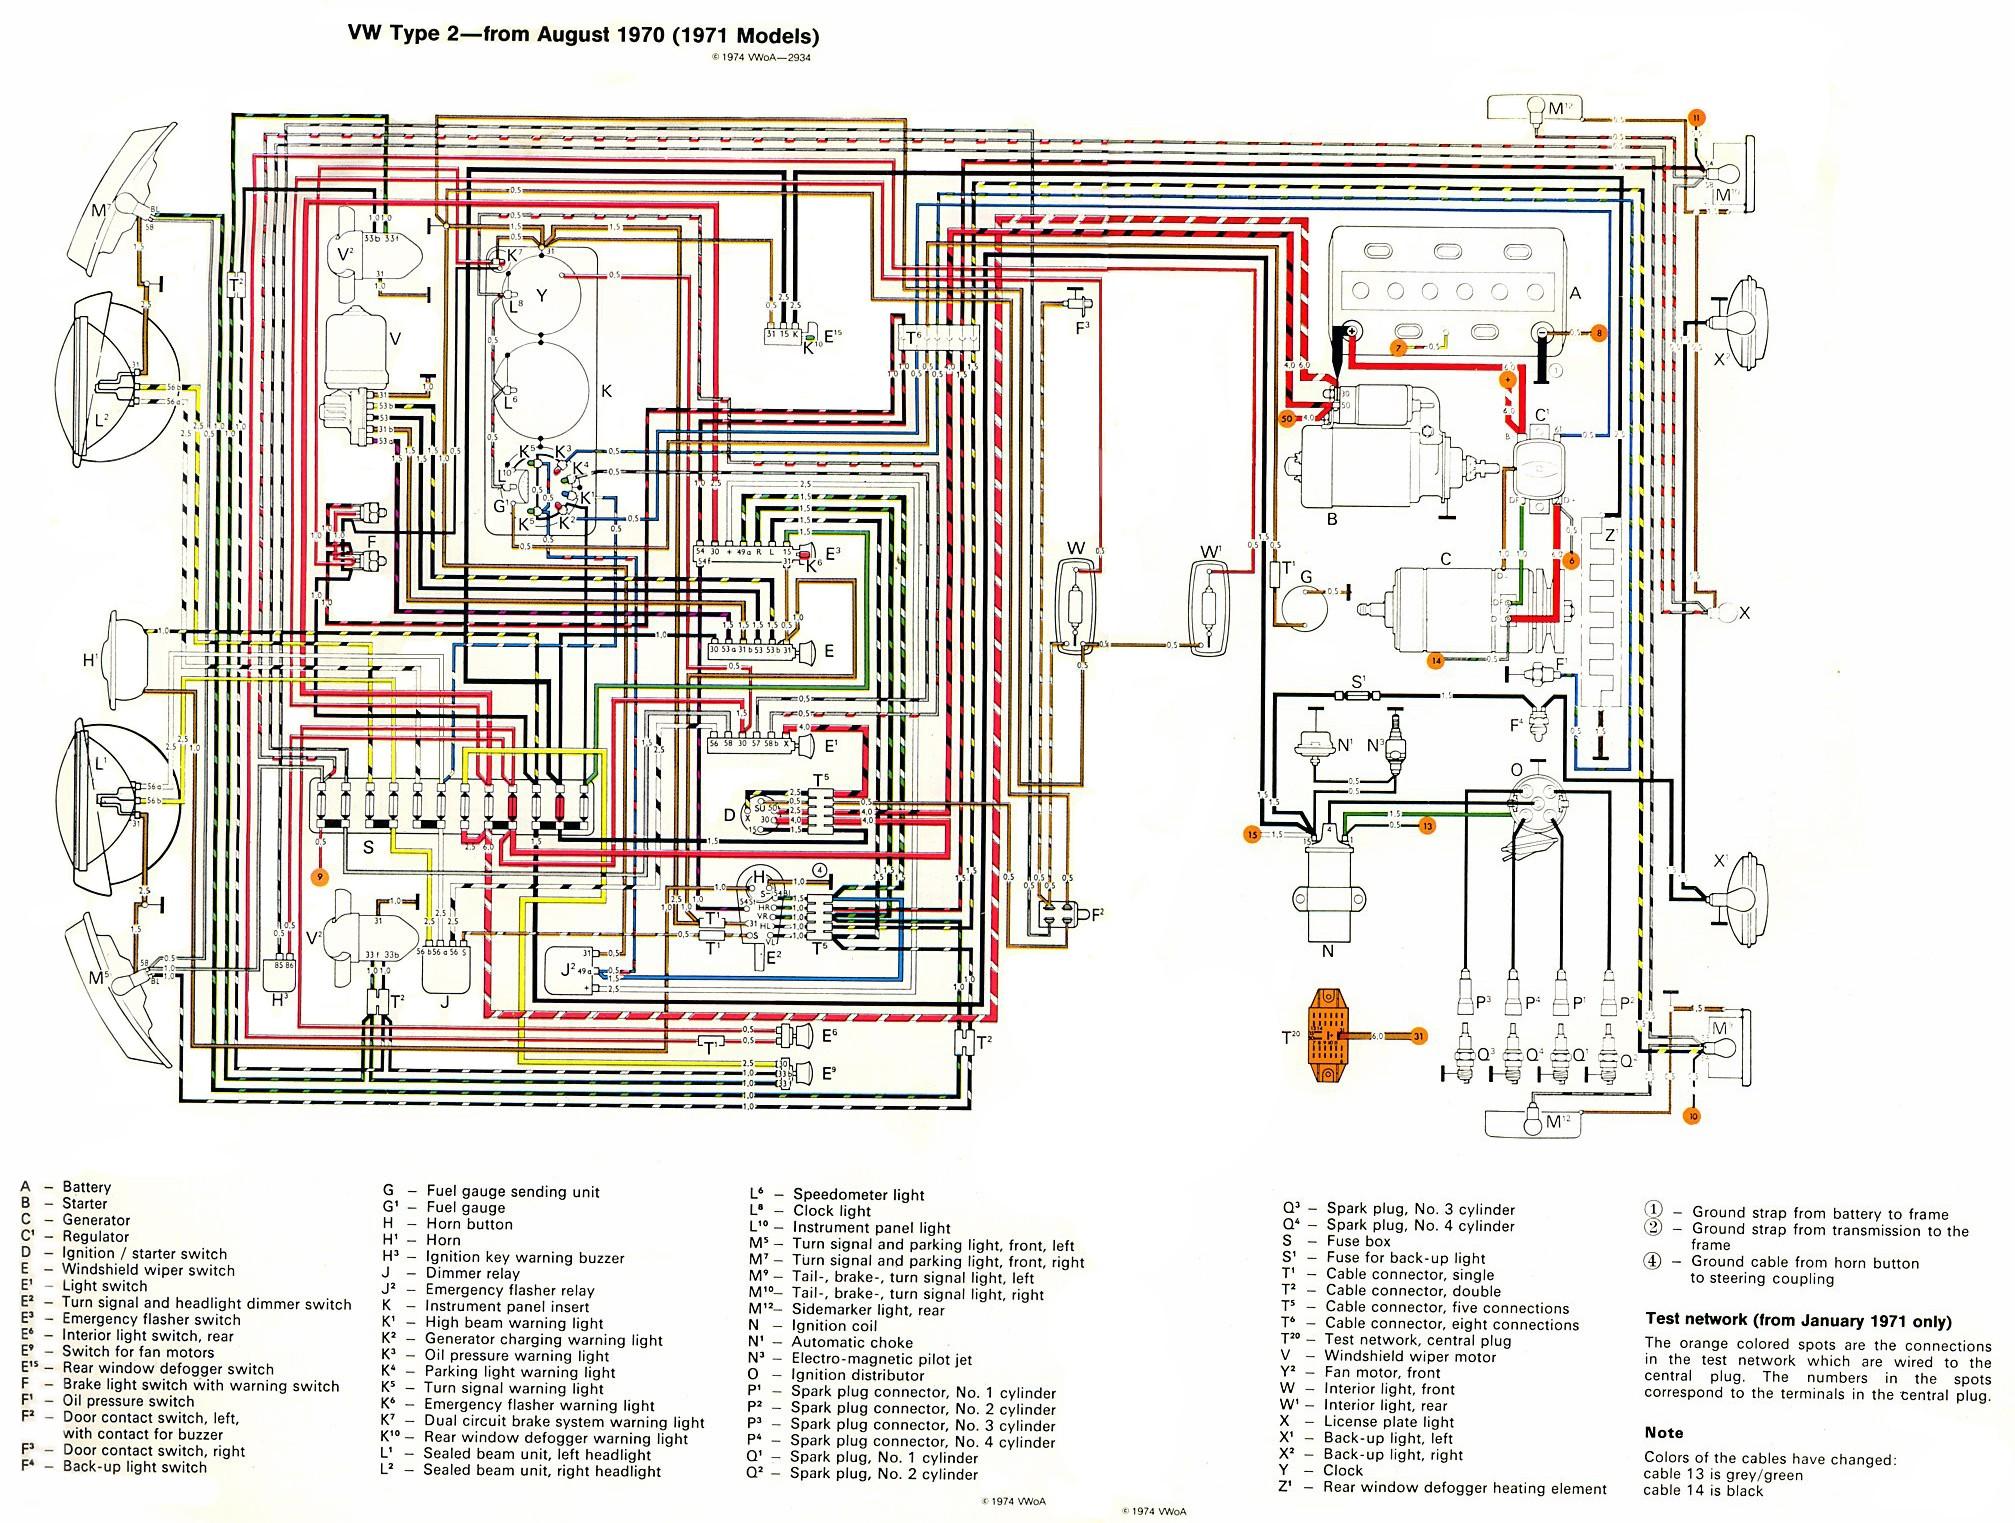 Mercury Villager Engine Diagram 0b8bf 06 Vw Gti Alternator Wiring Schematic Of Mercury Villager Engine Diagram